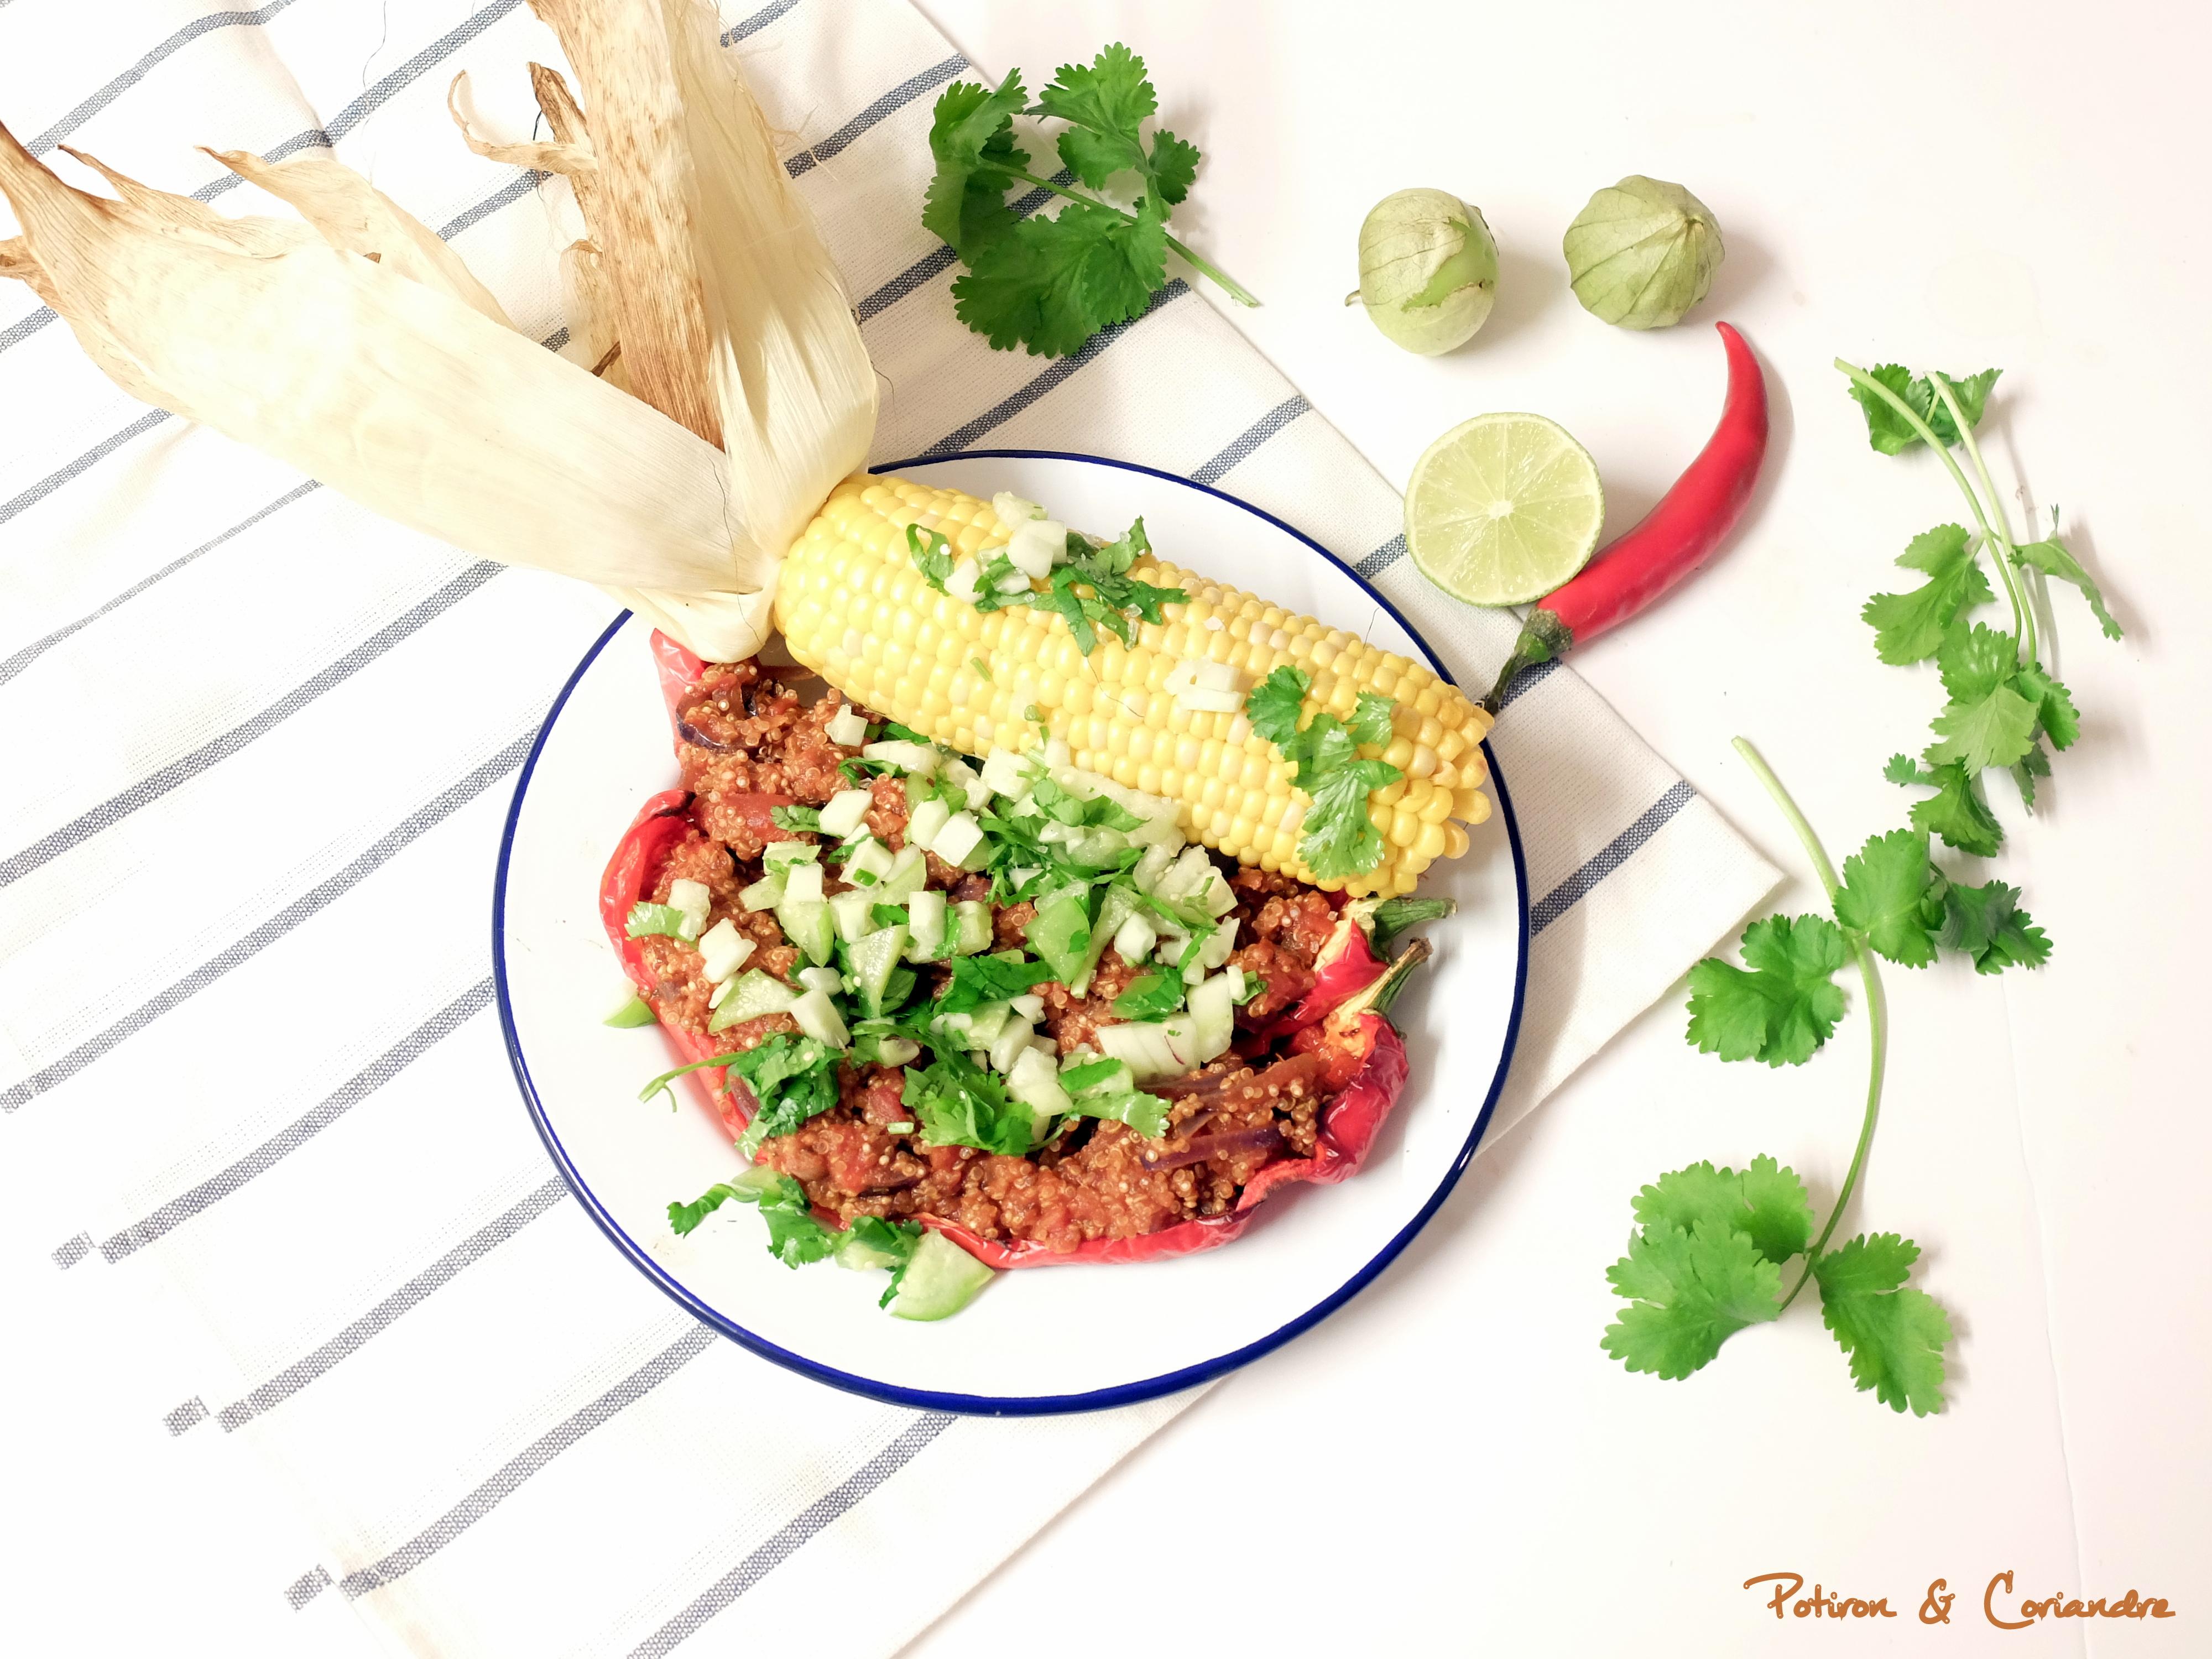 Poivrons farcis au quinoa et salsa aux tomatillos